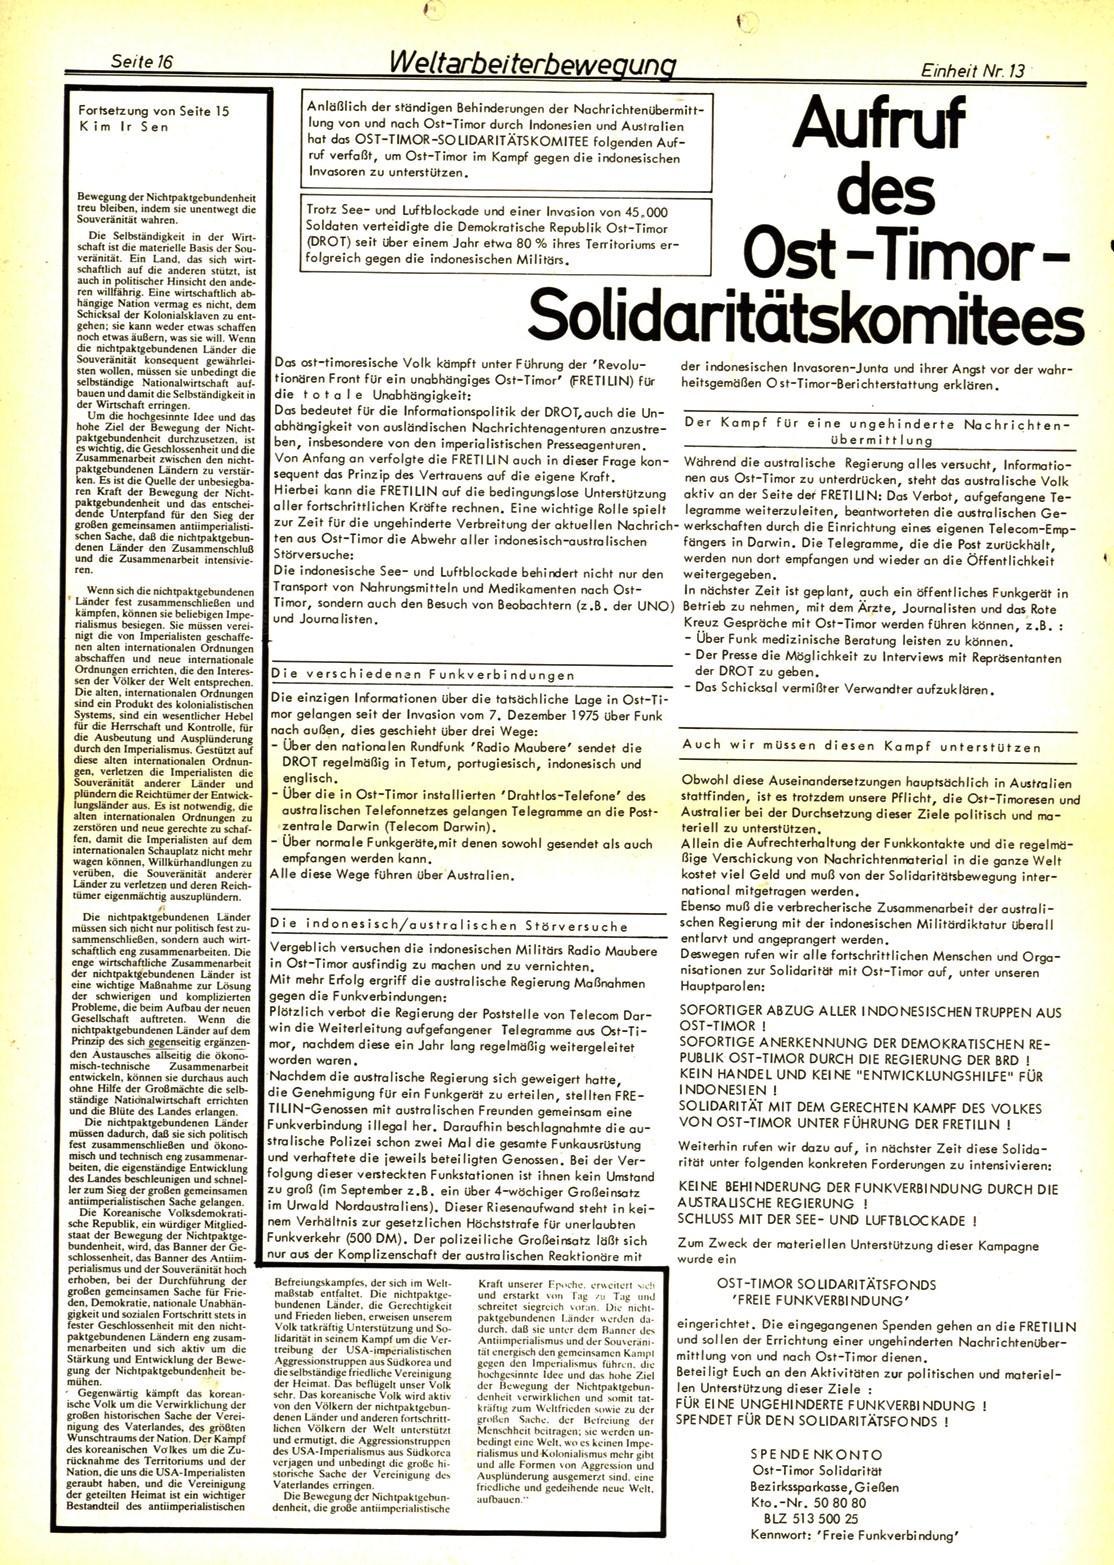 Koeln_IPdA_Einheit_1977_013_016